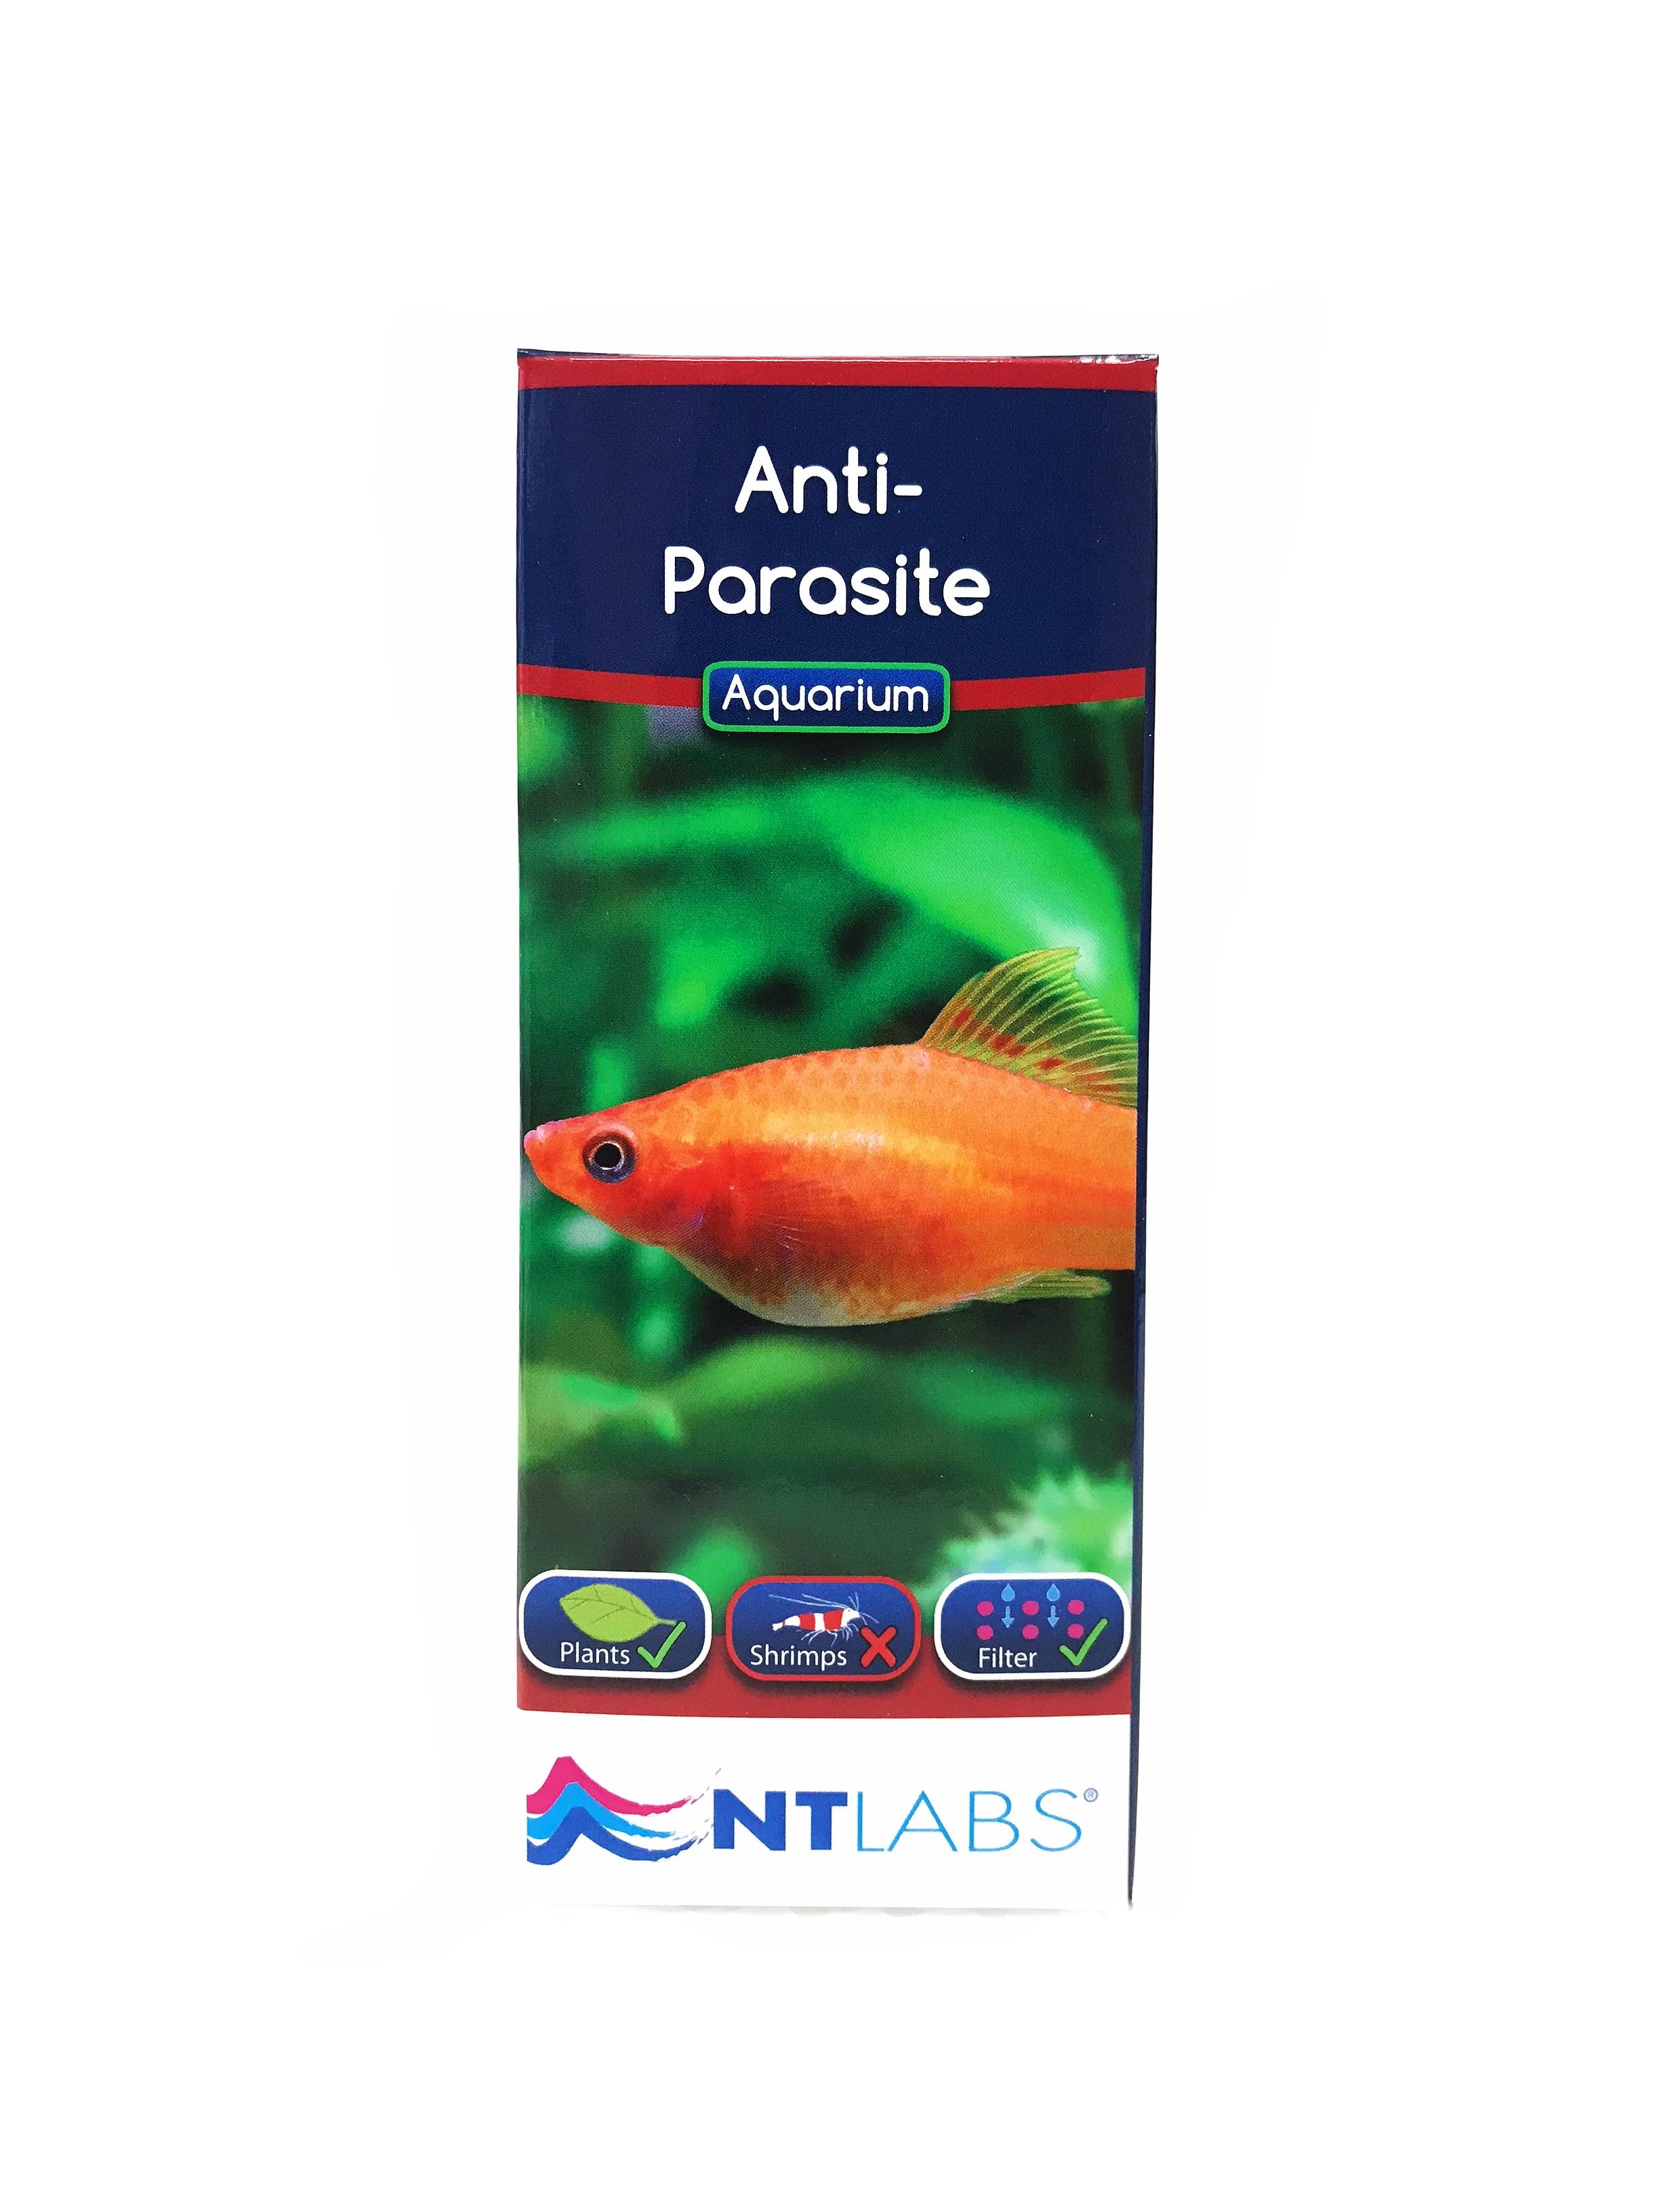 NT Labs Aquarium Anti-Parasite